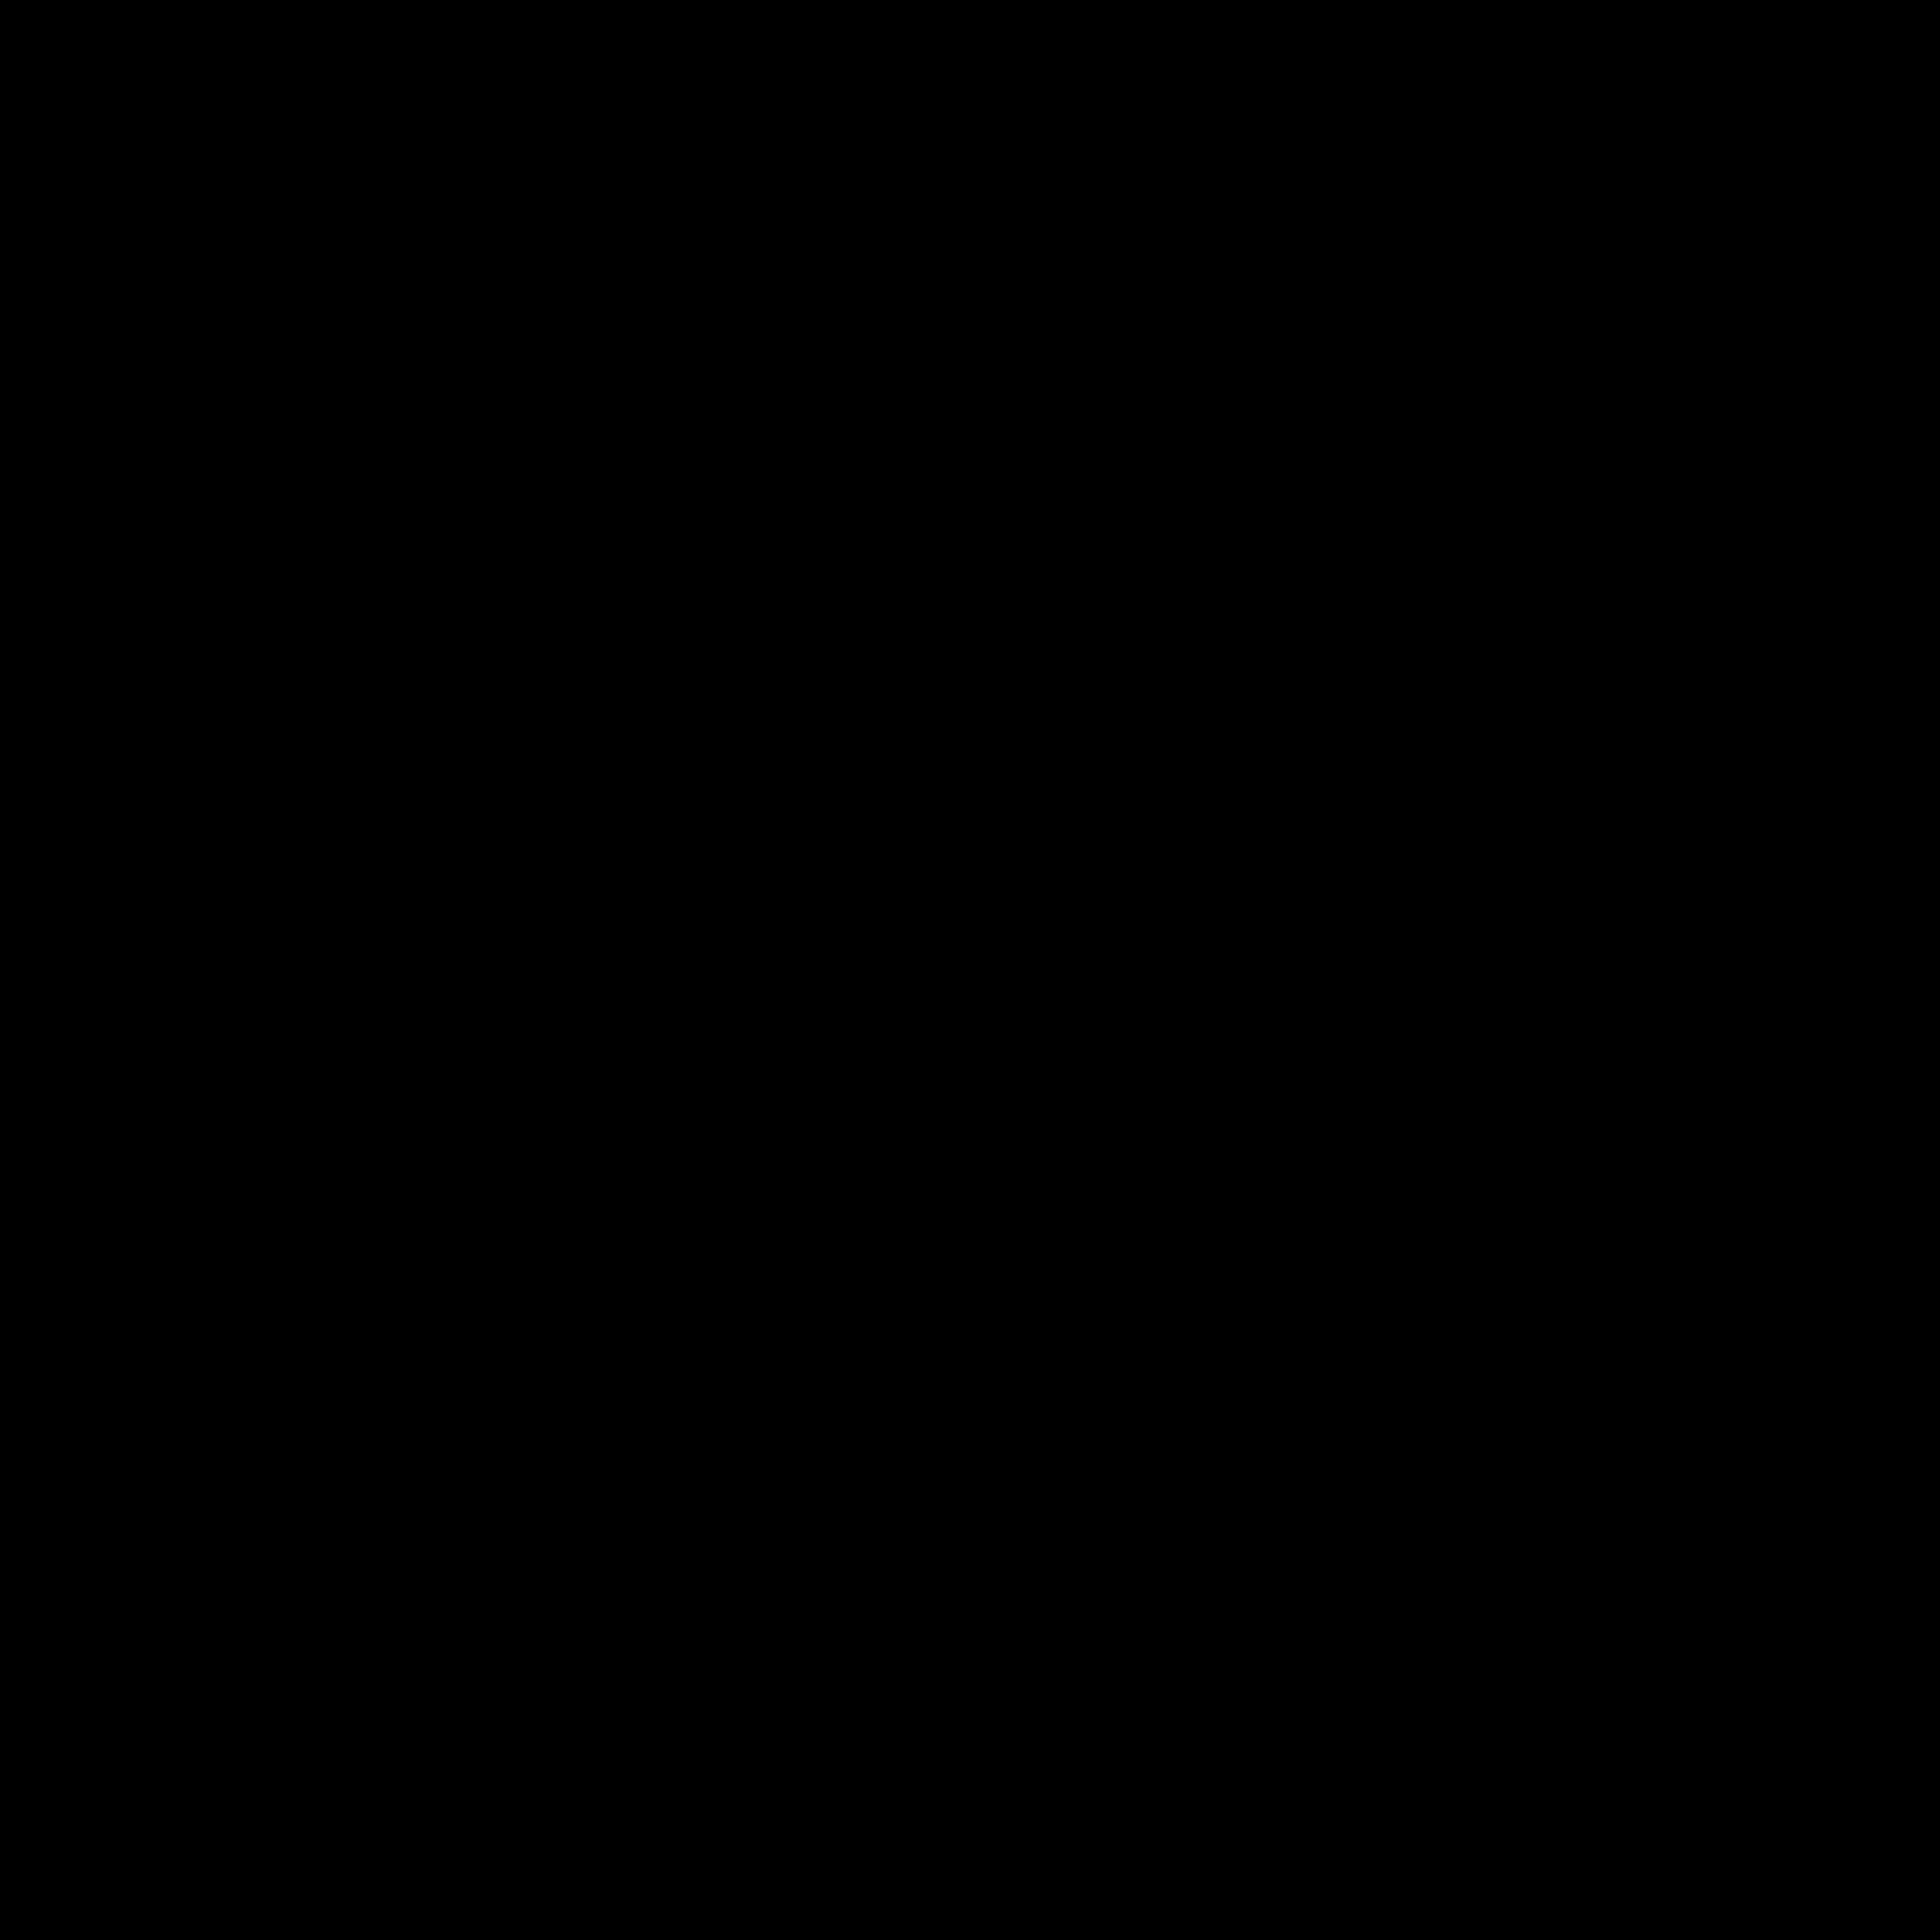 black, soundcloud icon